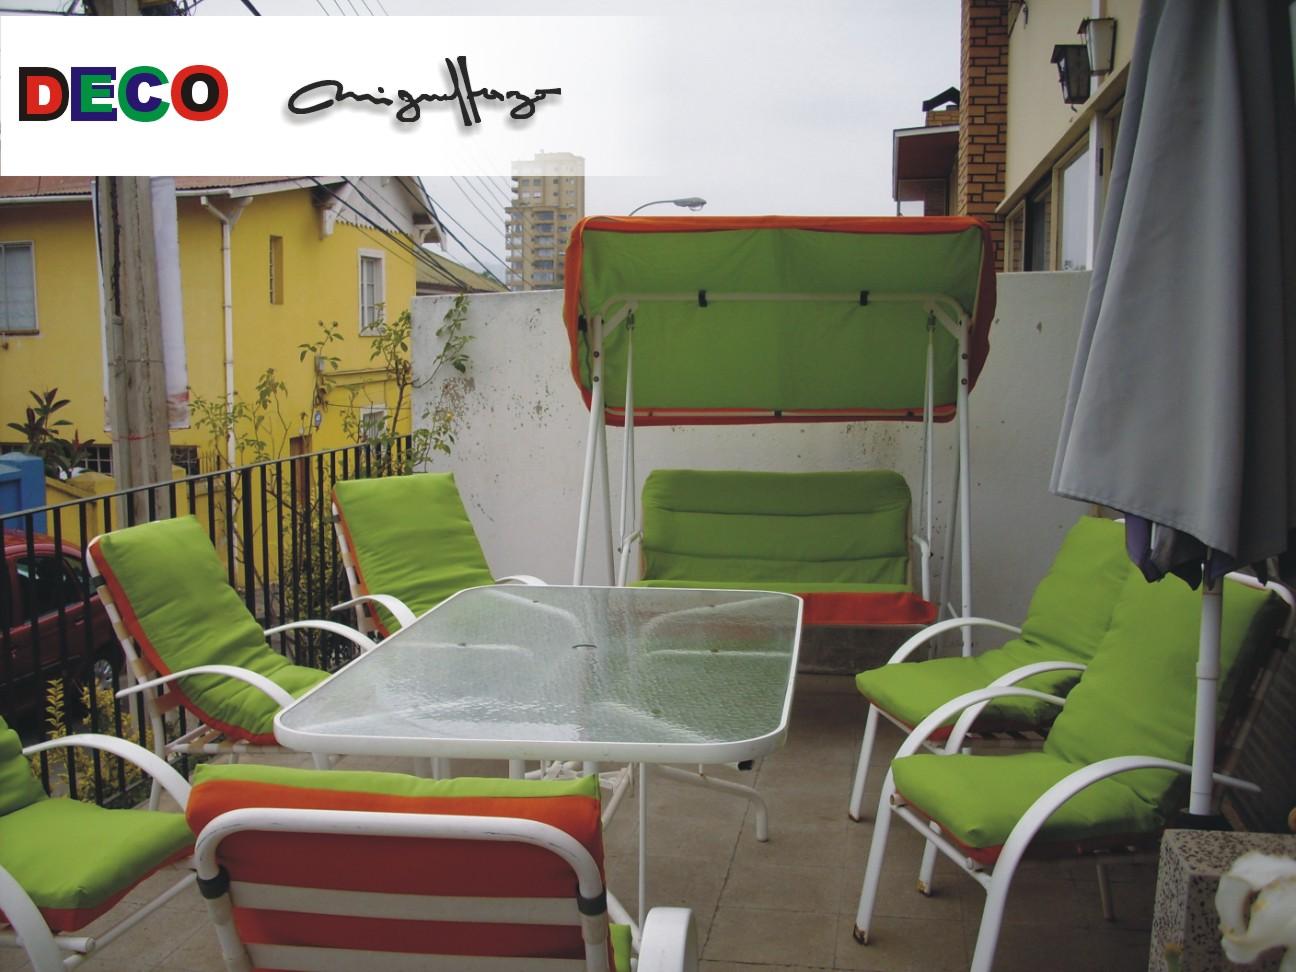 Deco miguel lazo deco terrazas for Deco buitenkant terras